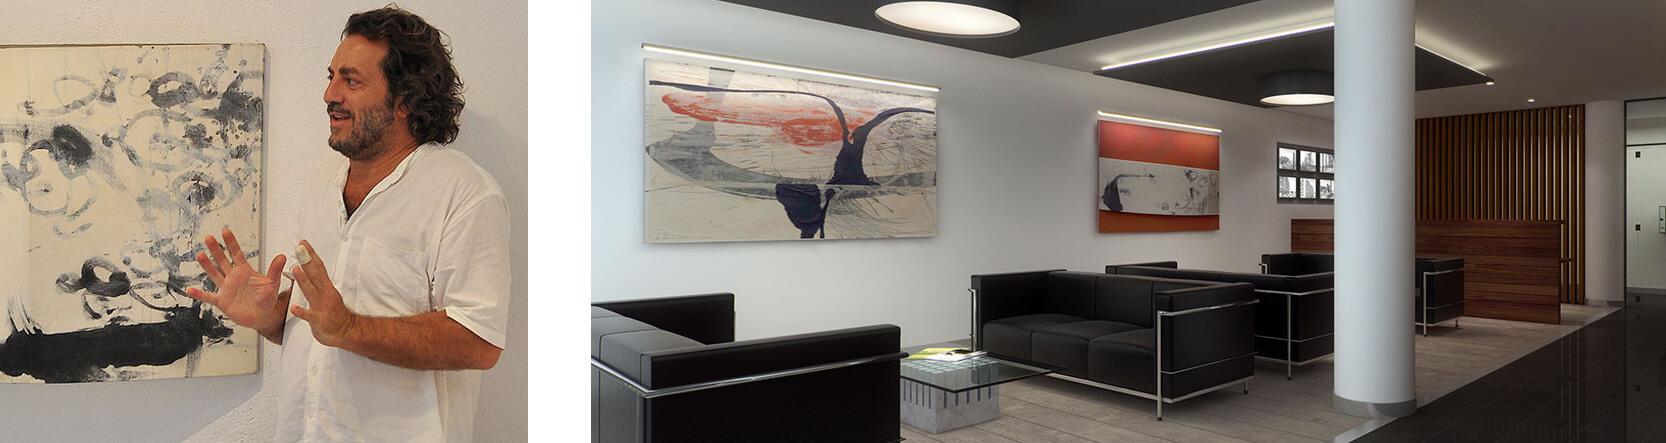 картины художника Ральф Бернабей. Элитная недвижимость в Барселоне